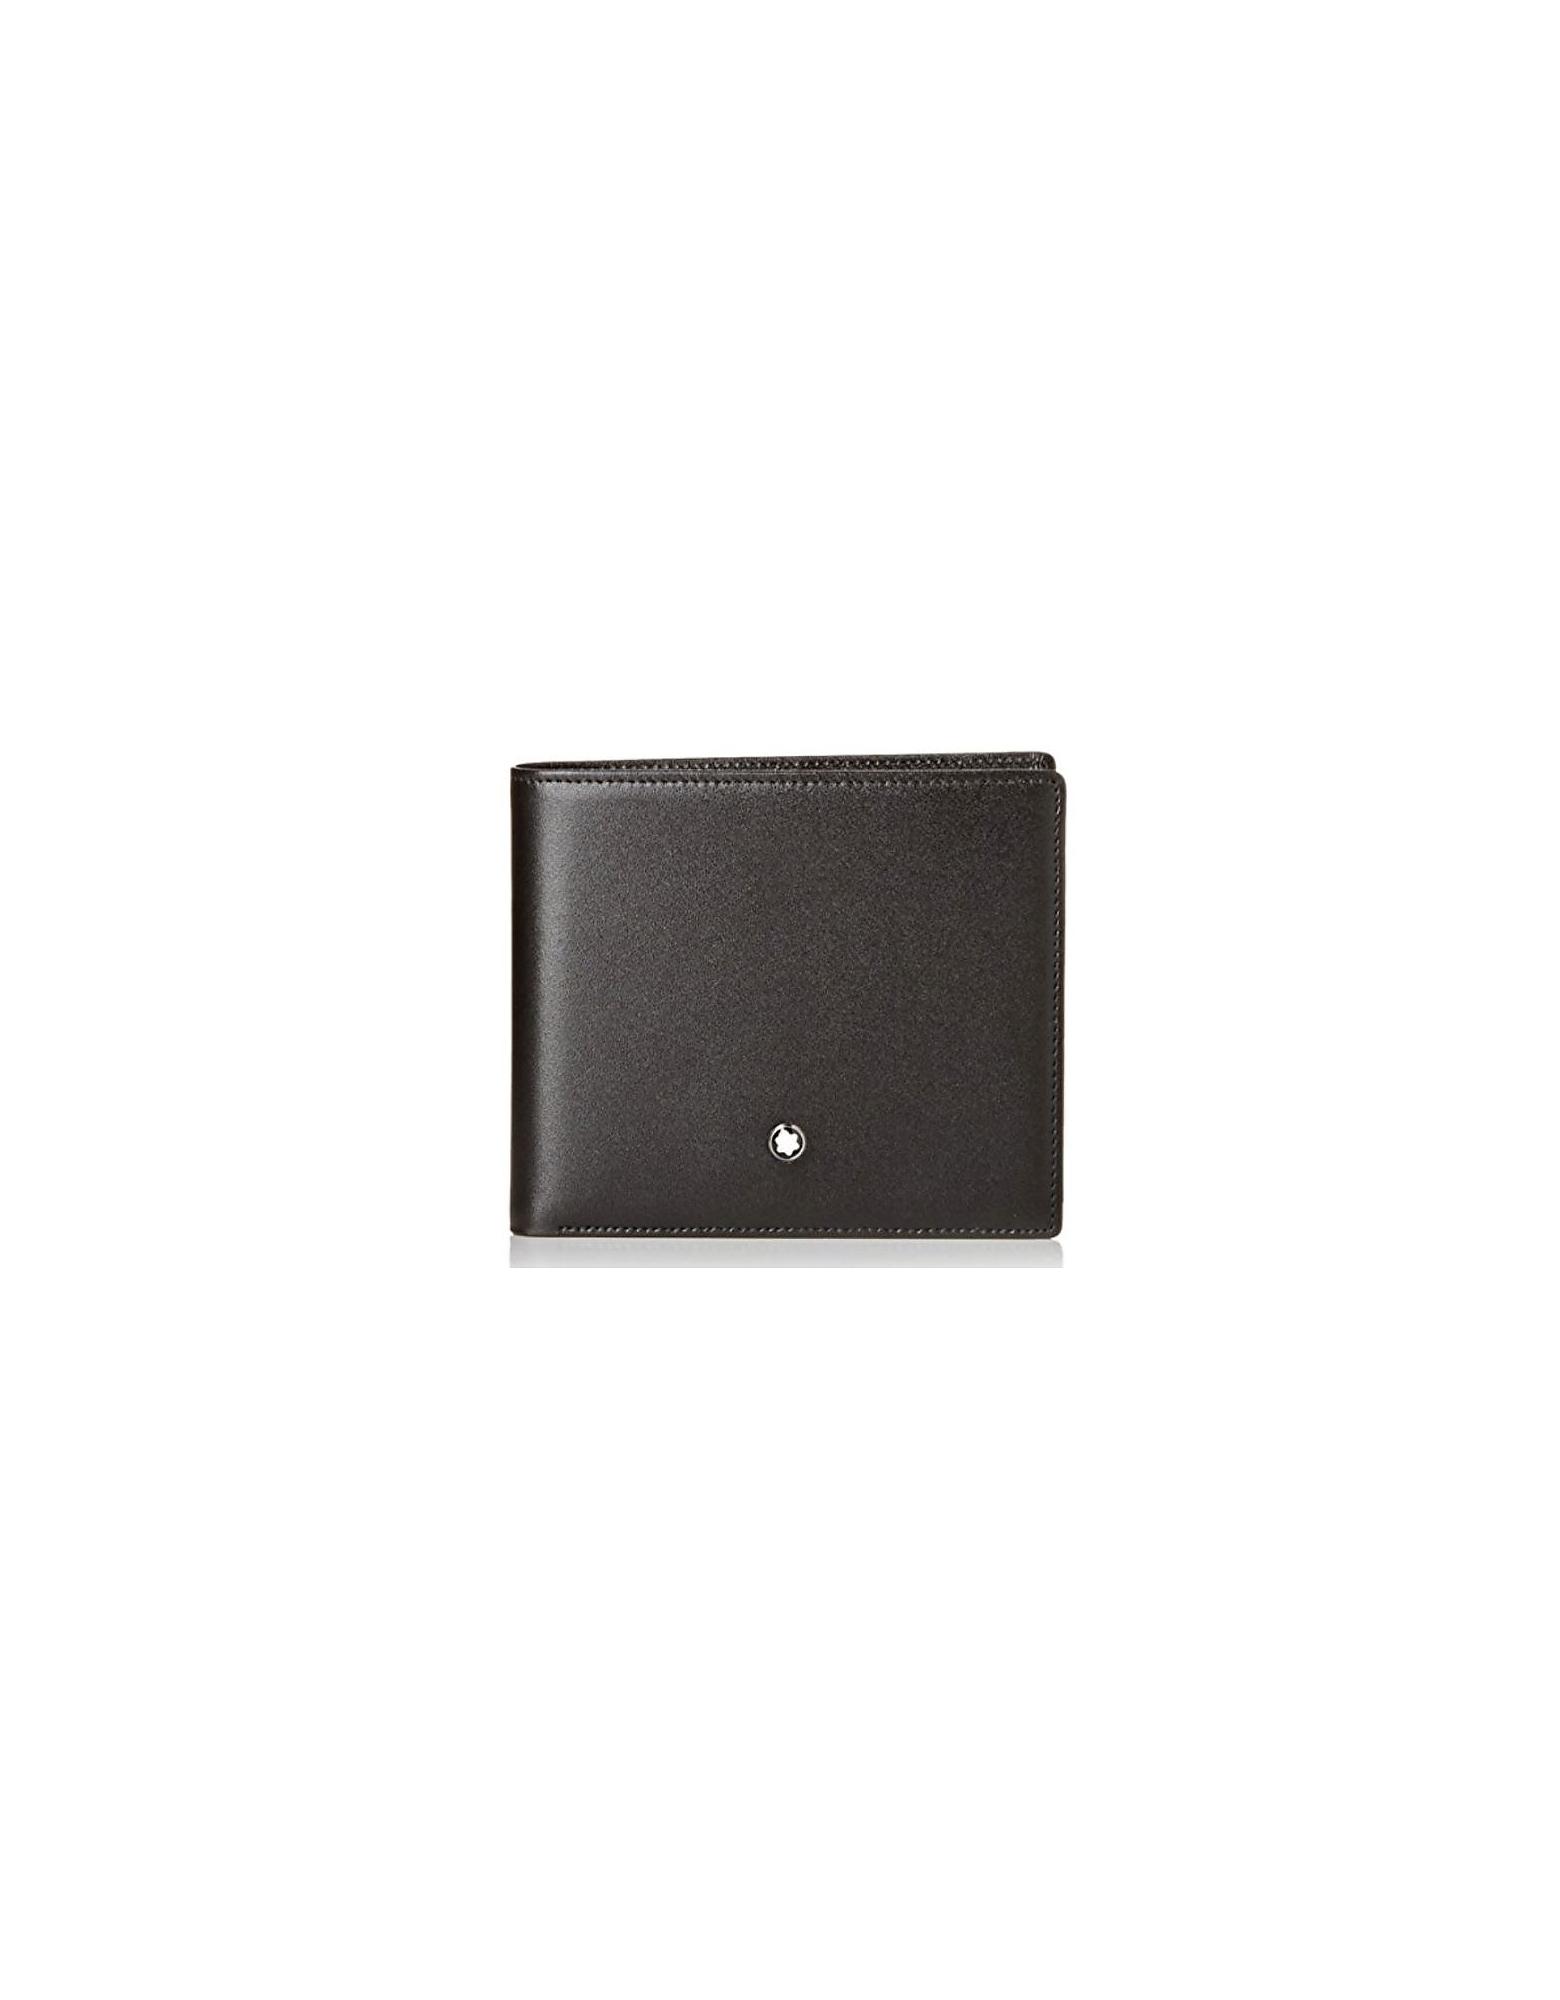 Montblanc Designer Men's Bags, Black Leather Bi-Fold Wallet